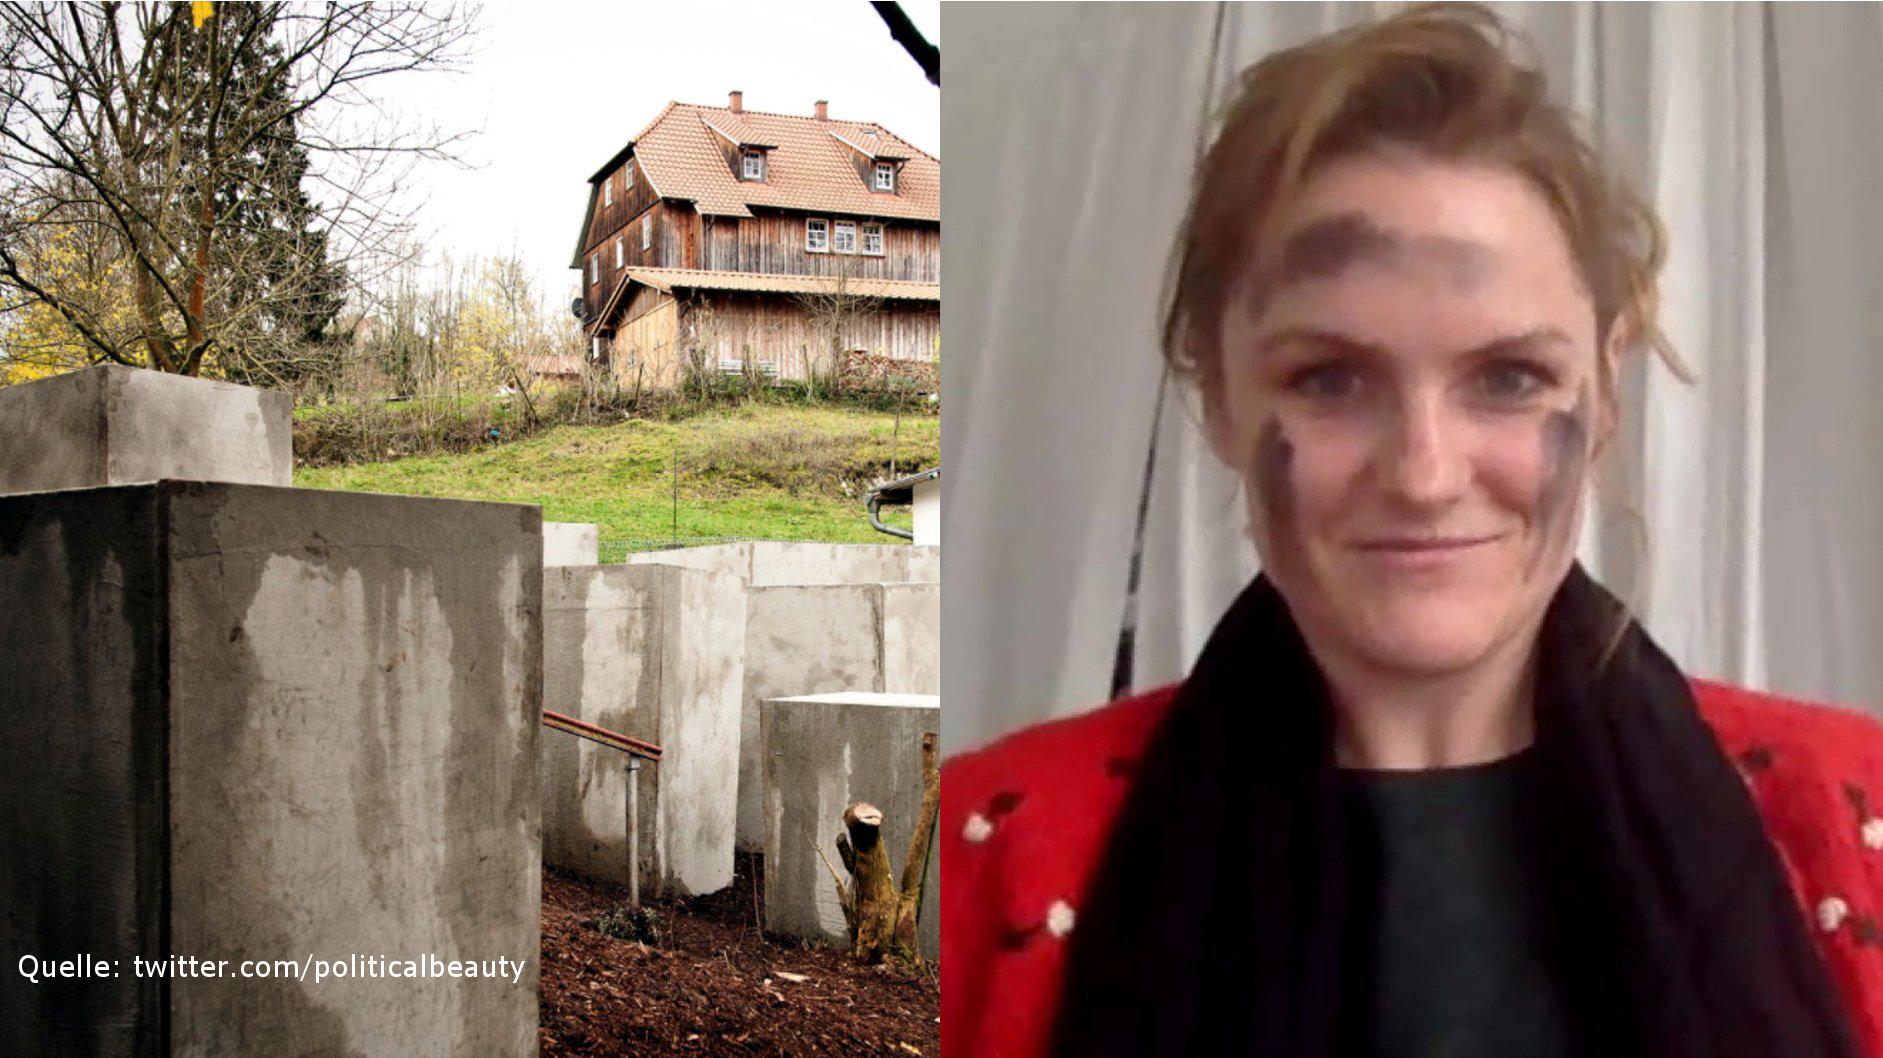 Interview mit Zentrum für Politische Schönheit zum Holocaust-Mahnmal vor Björn Höckes Tür